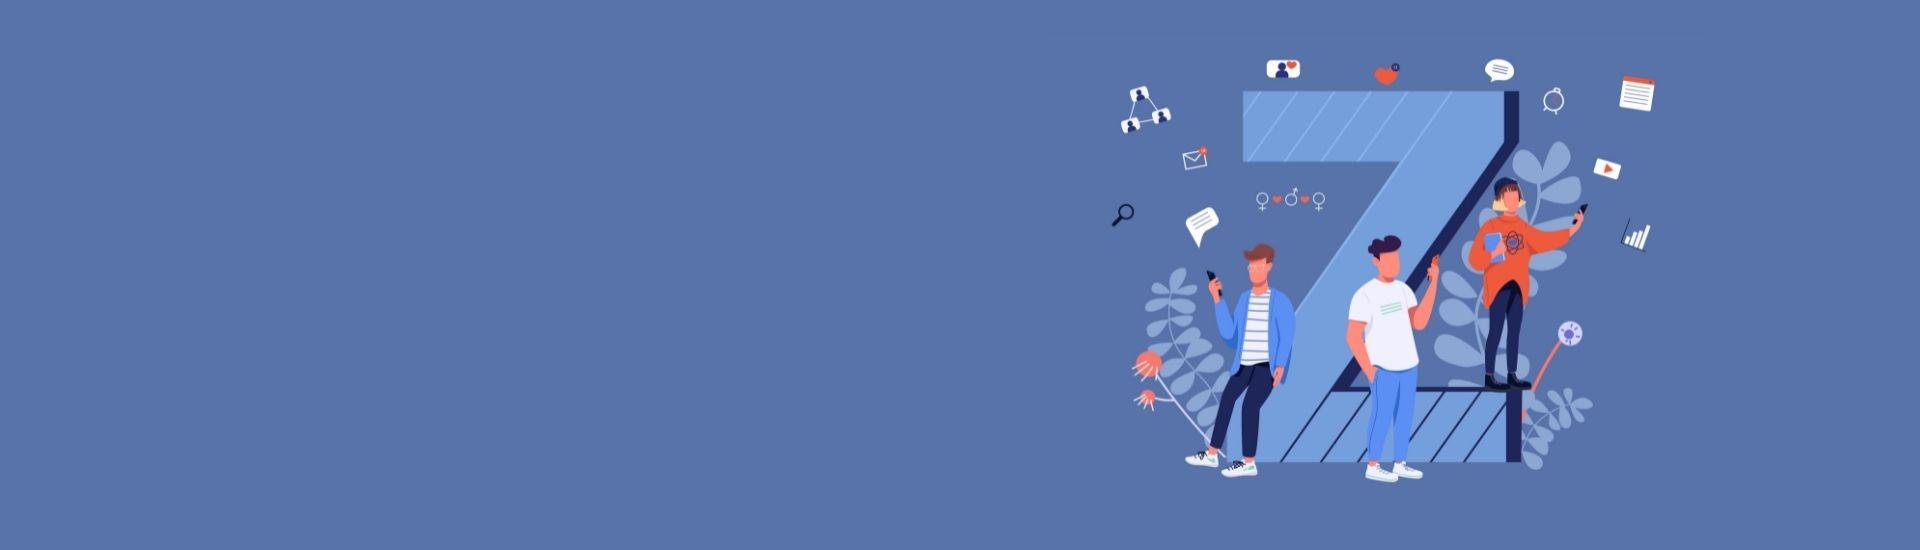 Ilustracion de tres jóvenes, apoyados en una letra Z gigante. Todos los jóvenes se encuentran conectados a algún dispositivo móvil, debido a que son una generación digital.